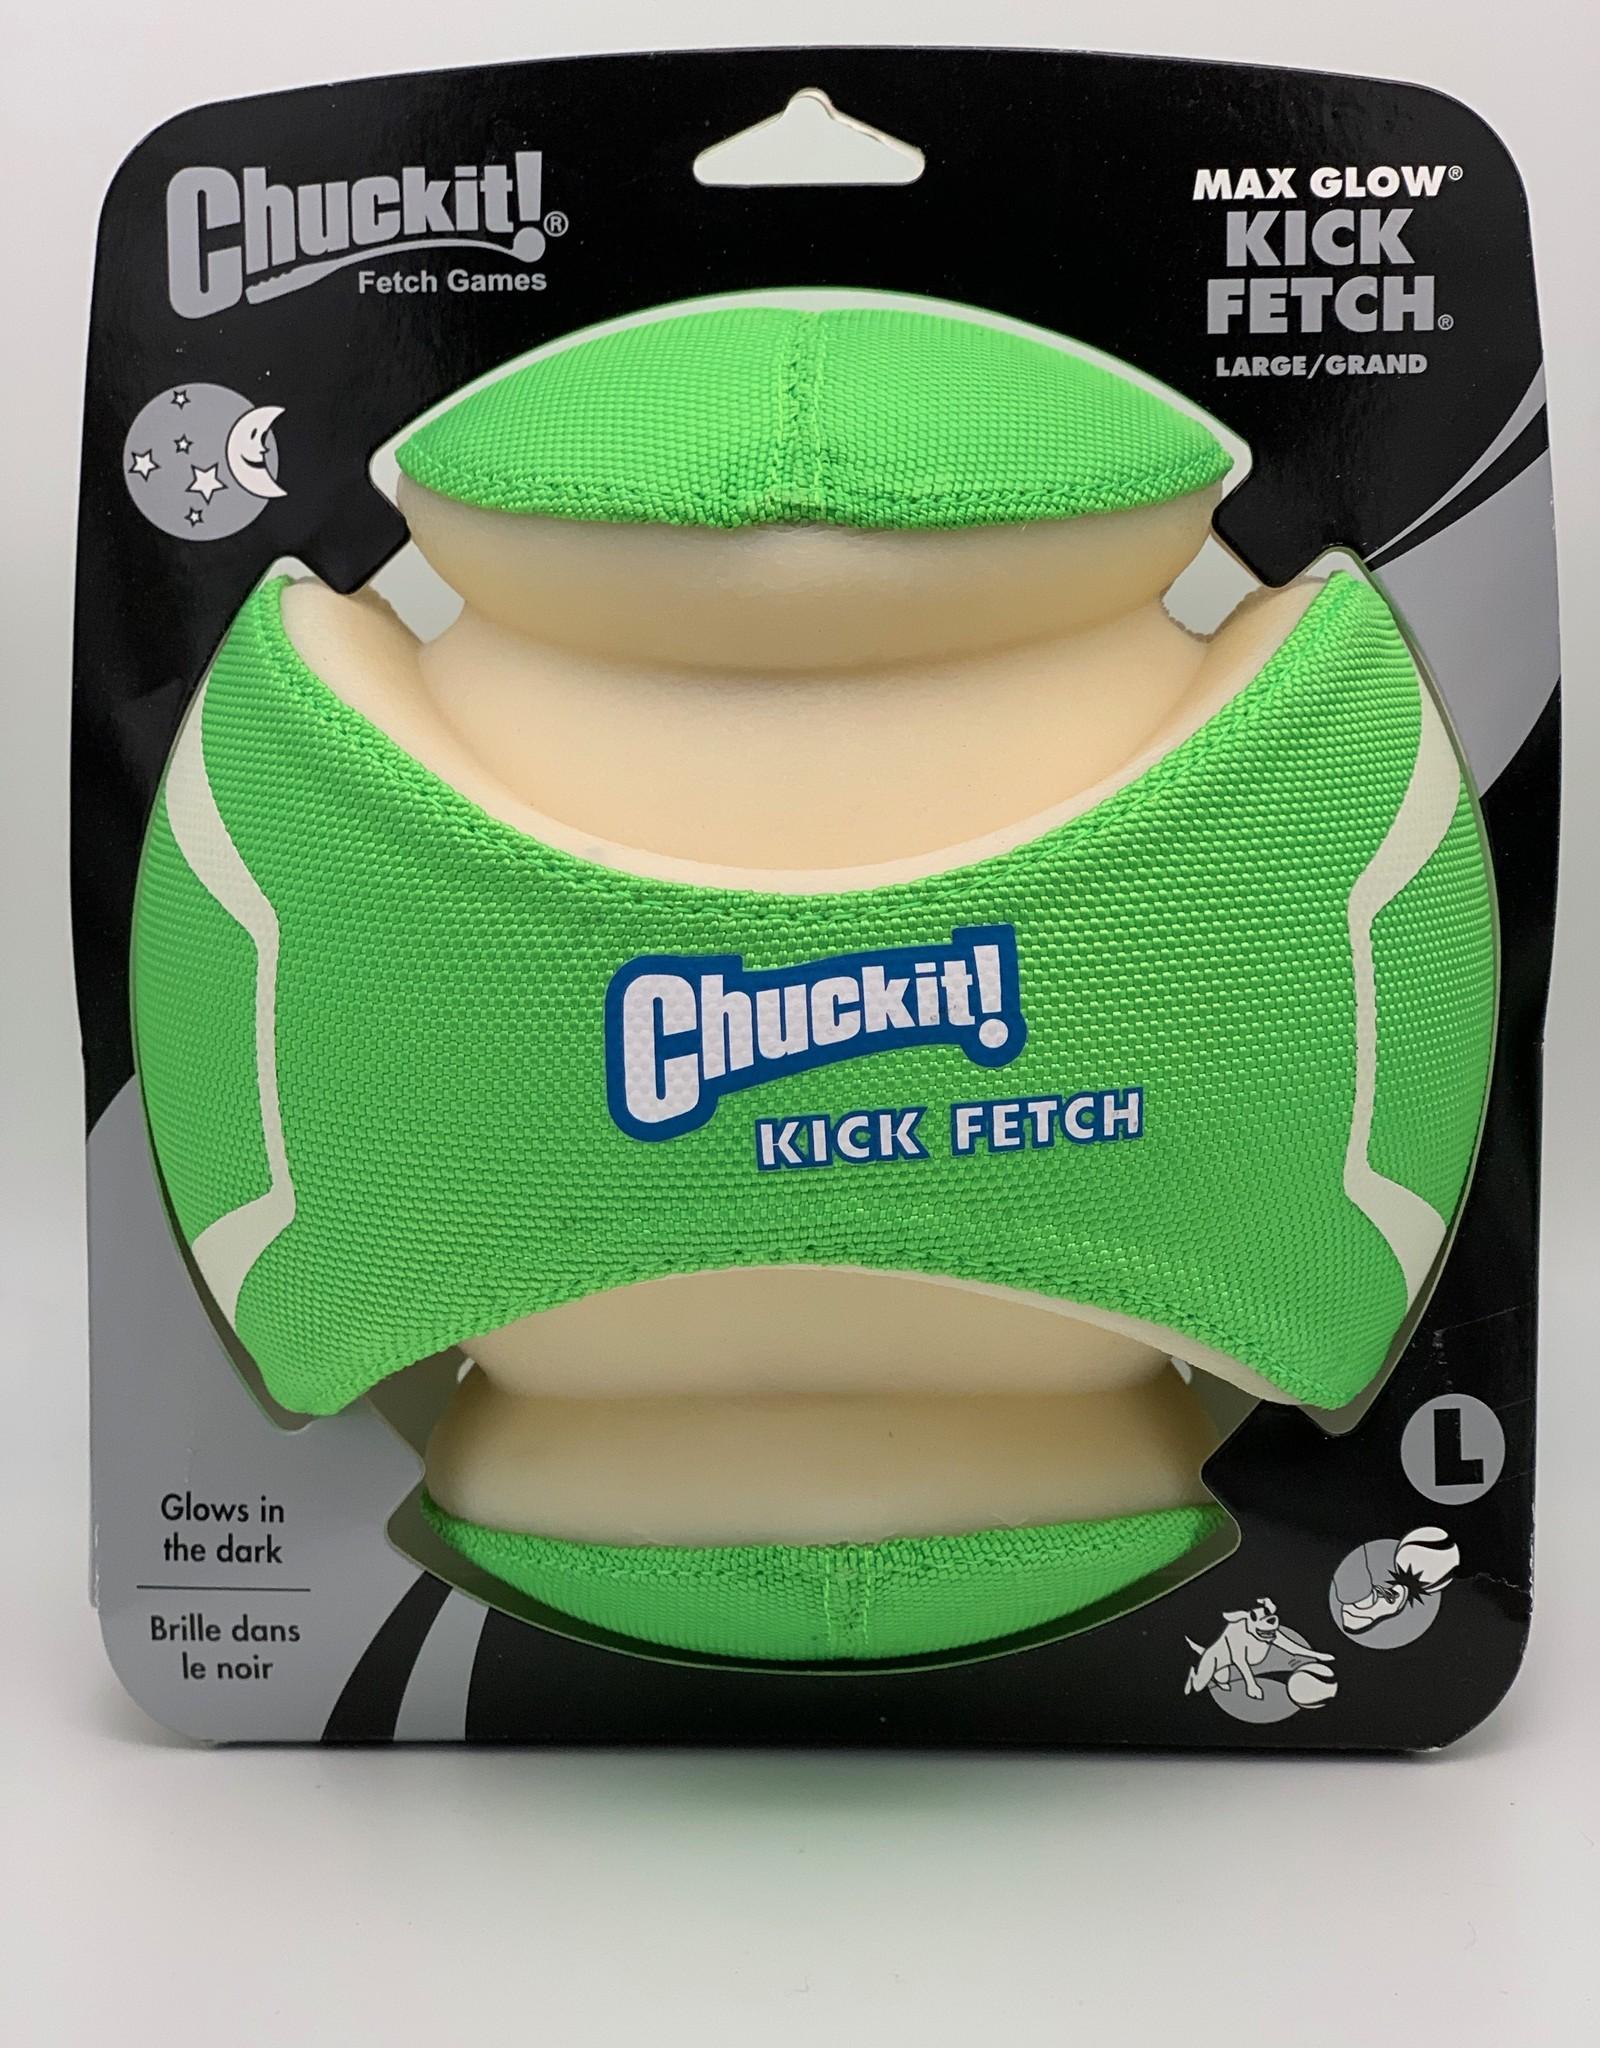 ChuckIt! Max Glow Kick Fetch - Large